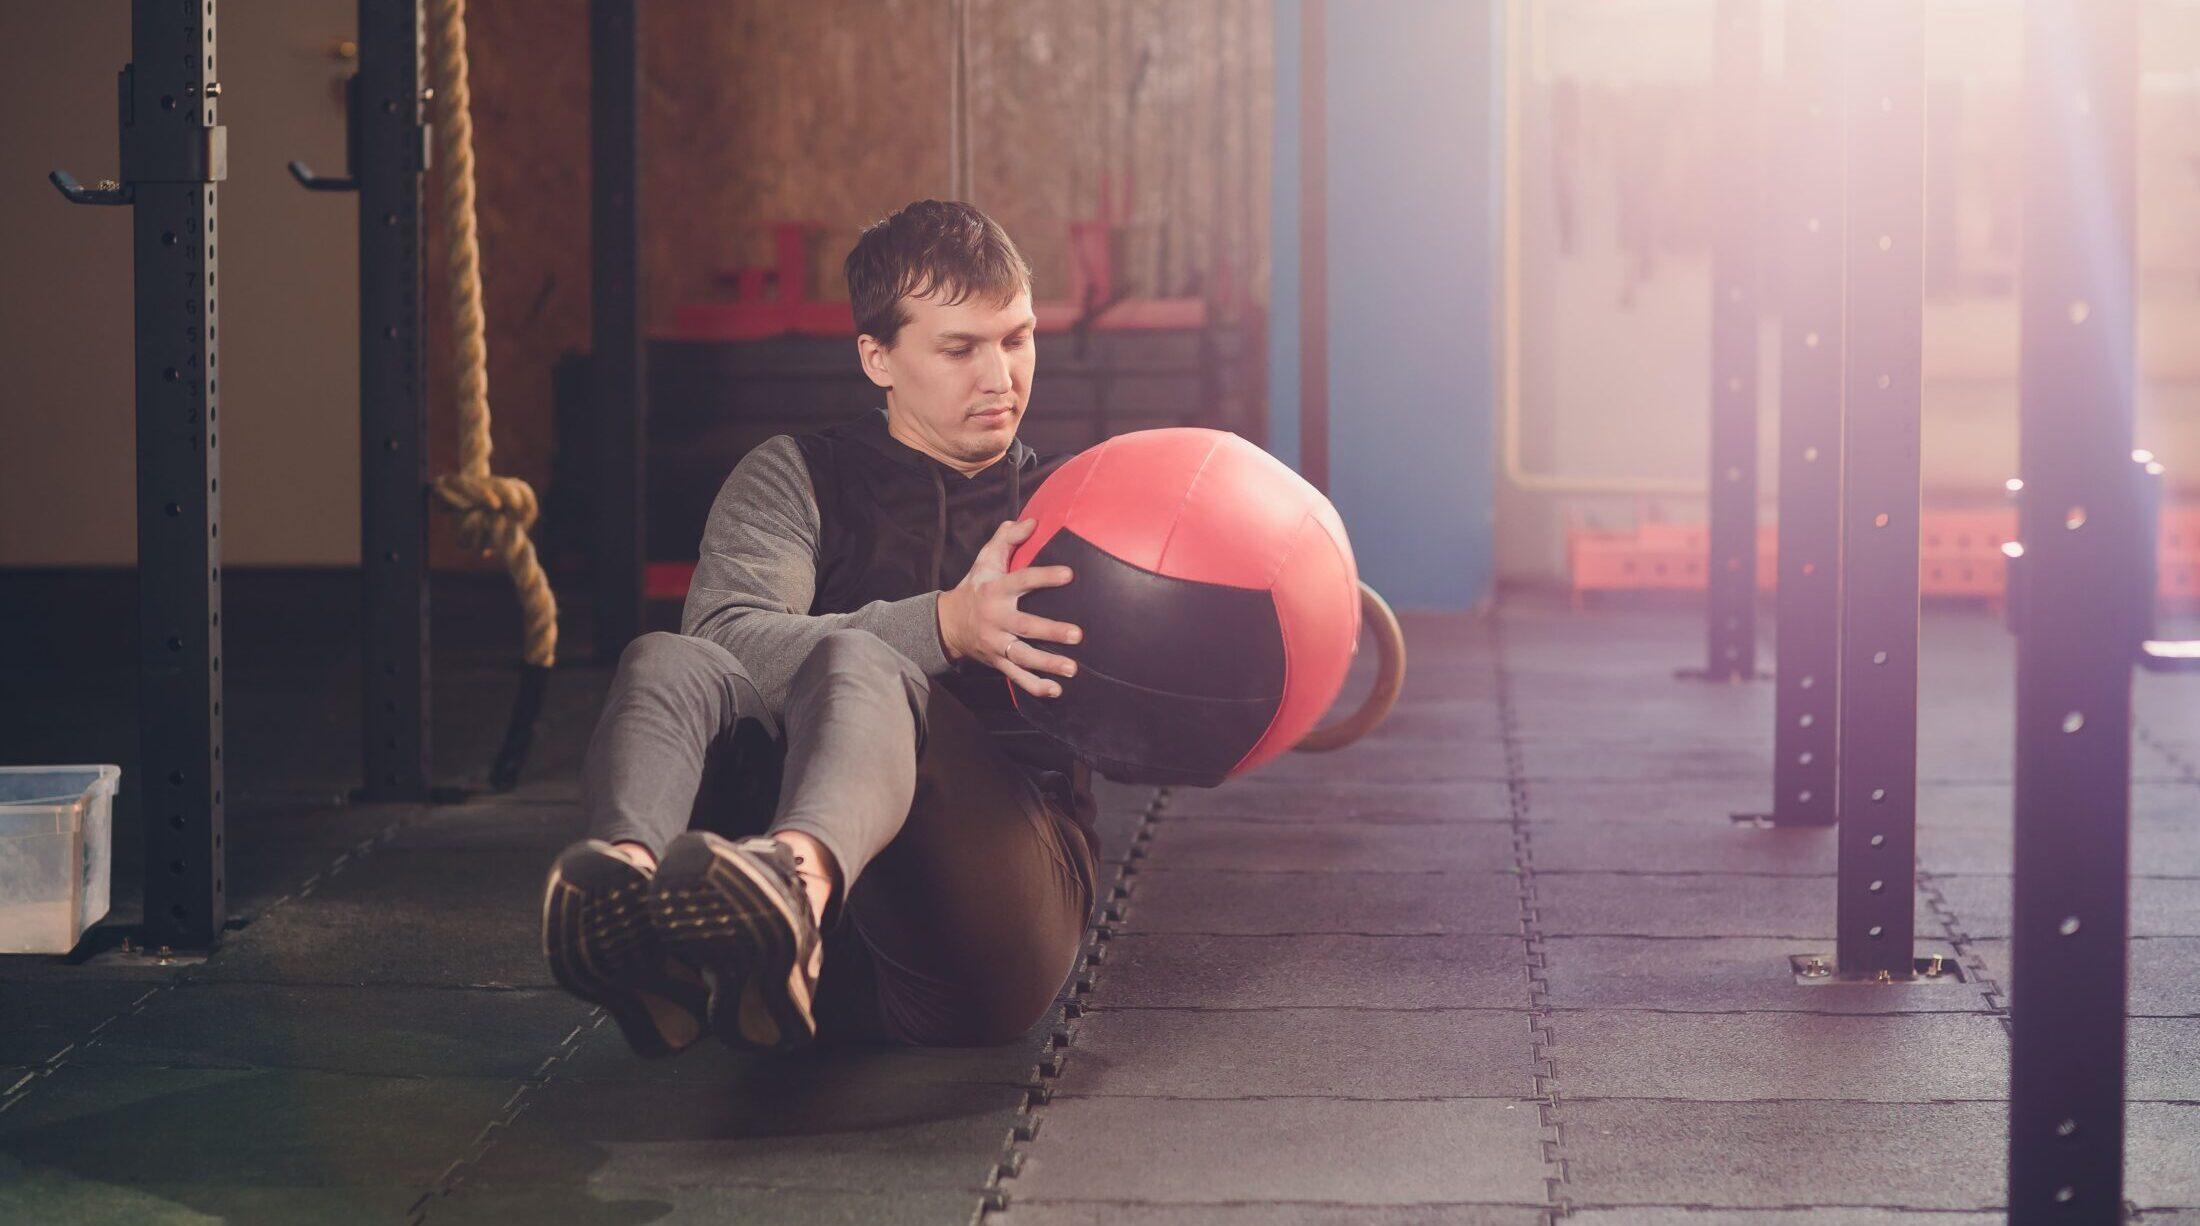 Mann beim Training mit einem Medizinball | Dein Personal Trainer Berlin